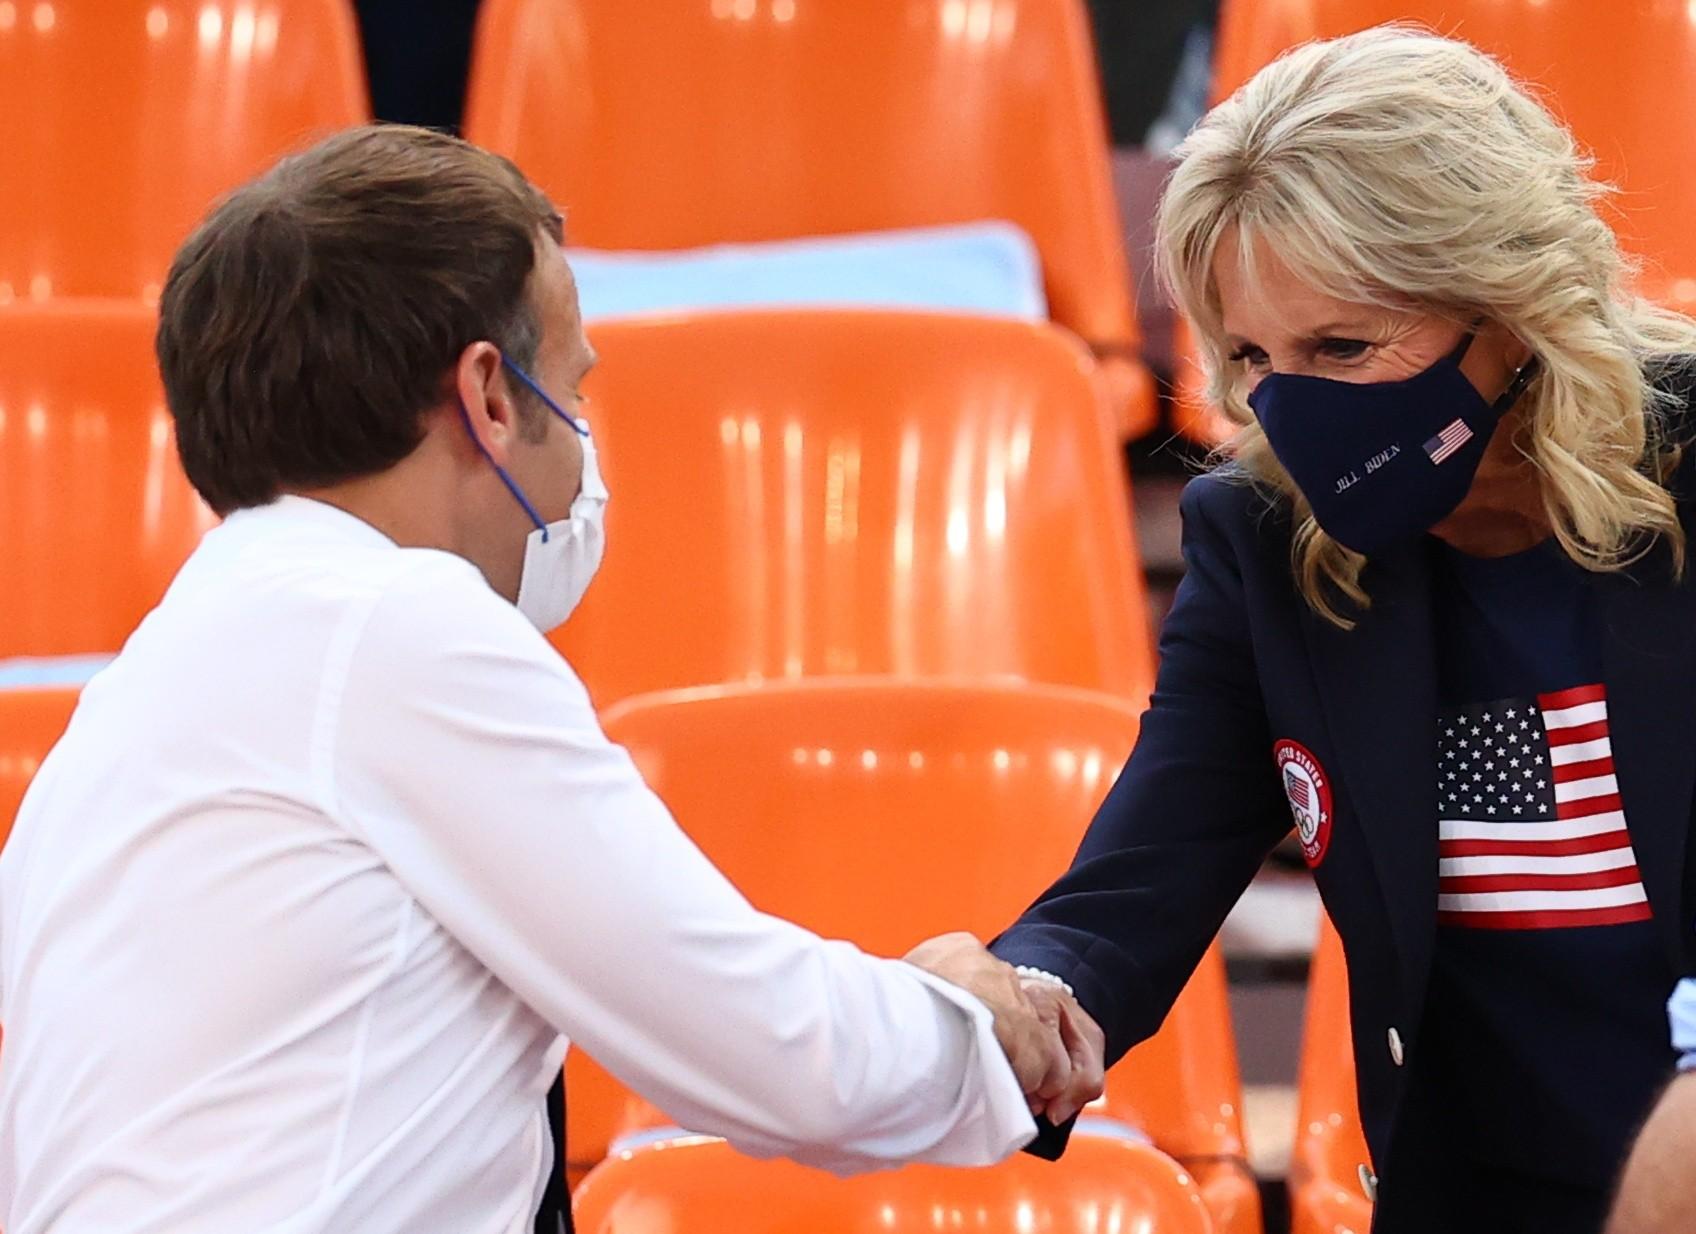 Emmanuel Macron e Jill Biden se encontram em jogo de basquete 3x3 nas Olimpíadas de Tóquio